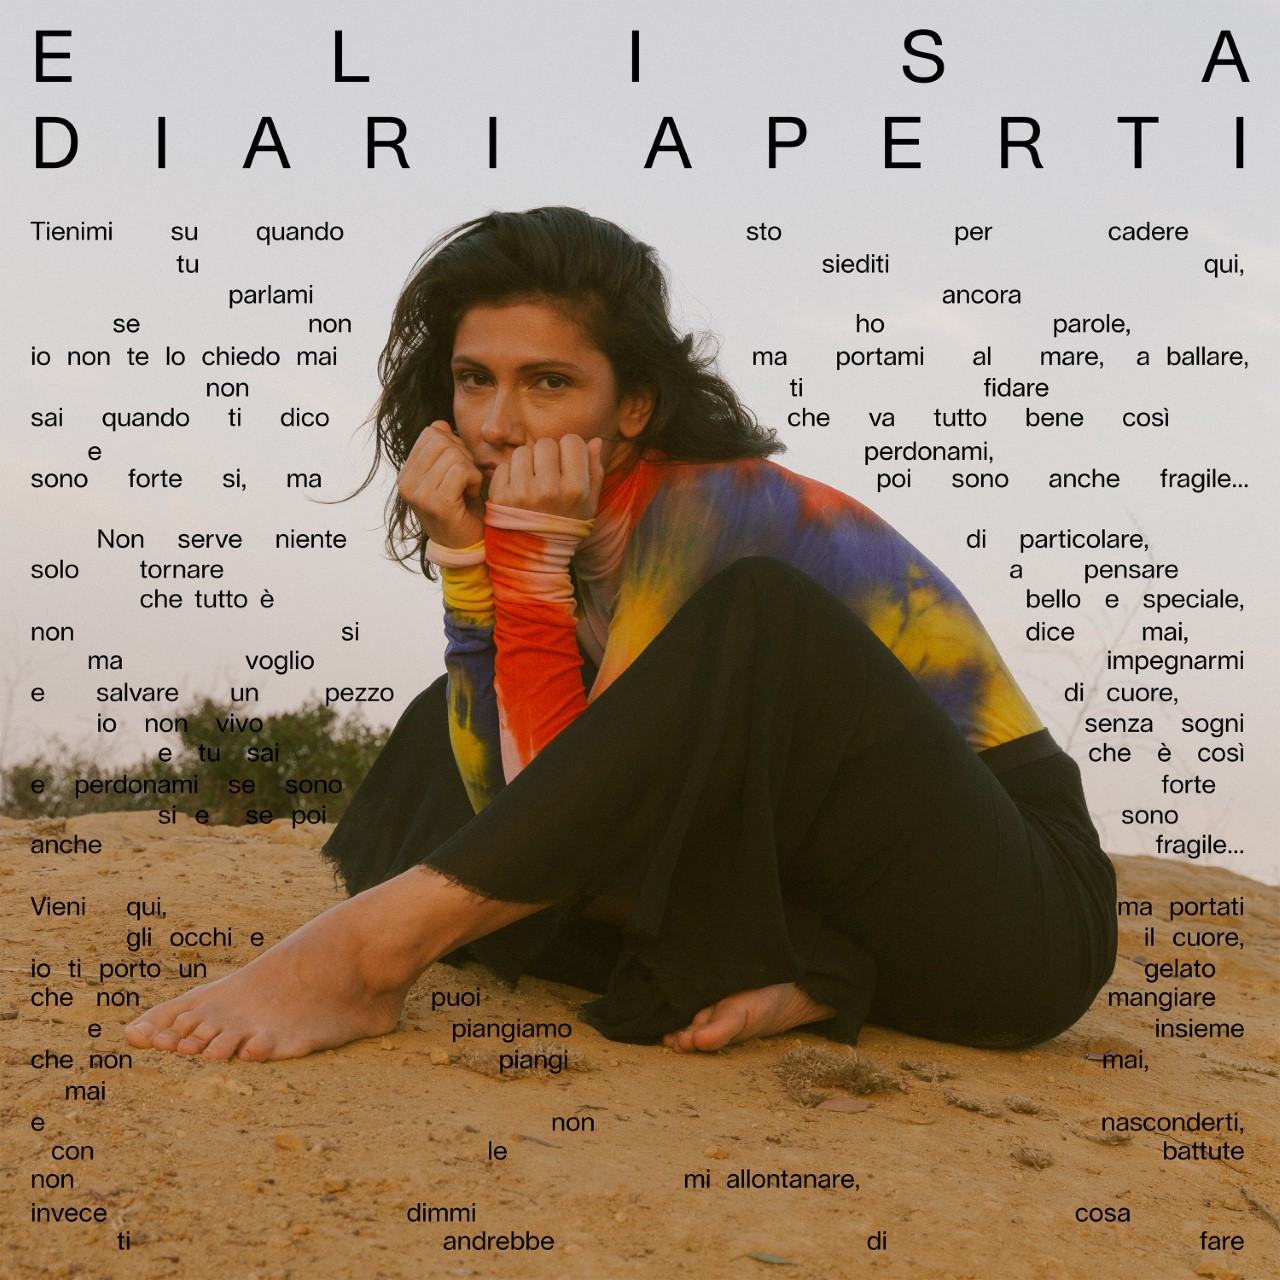 Elisa-DiariAperti